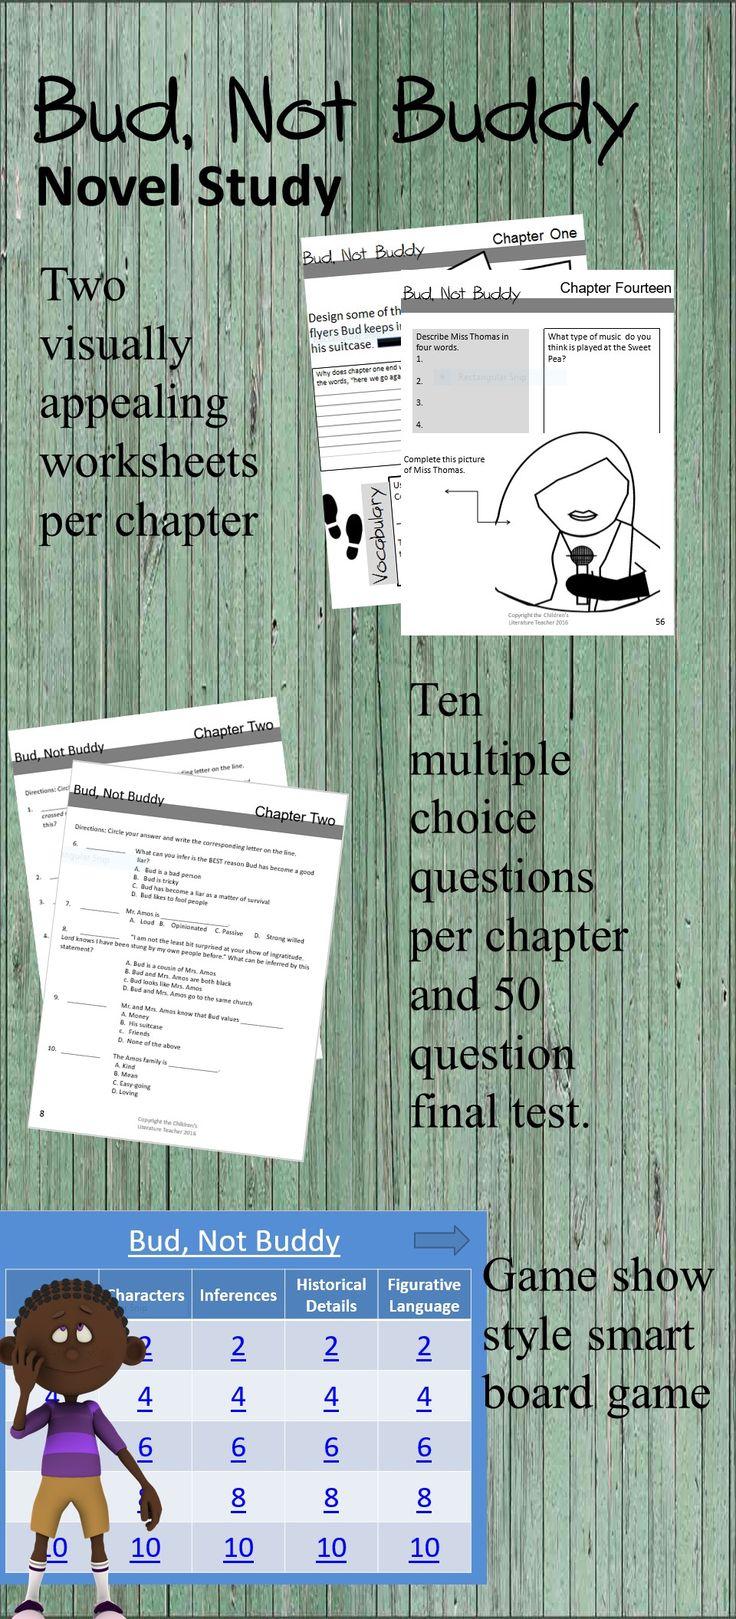 Worksheets Bud Not Buddy Worksheets 9 bilderna om bud not buddy pinterest grafiska romaner novel study bundle chapter work game assessment